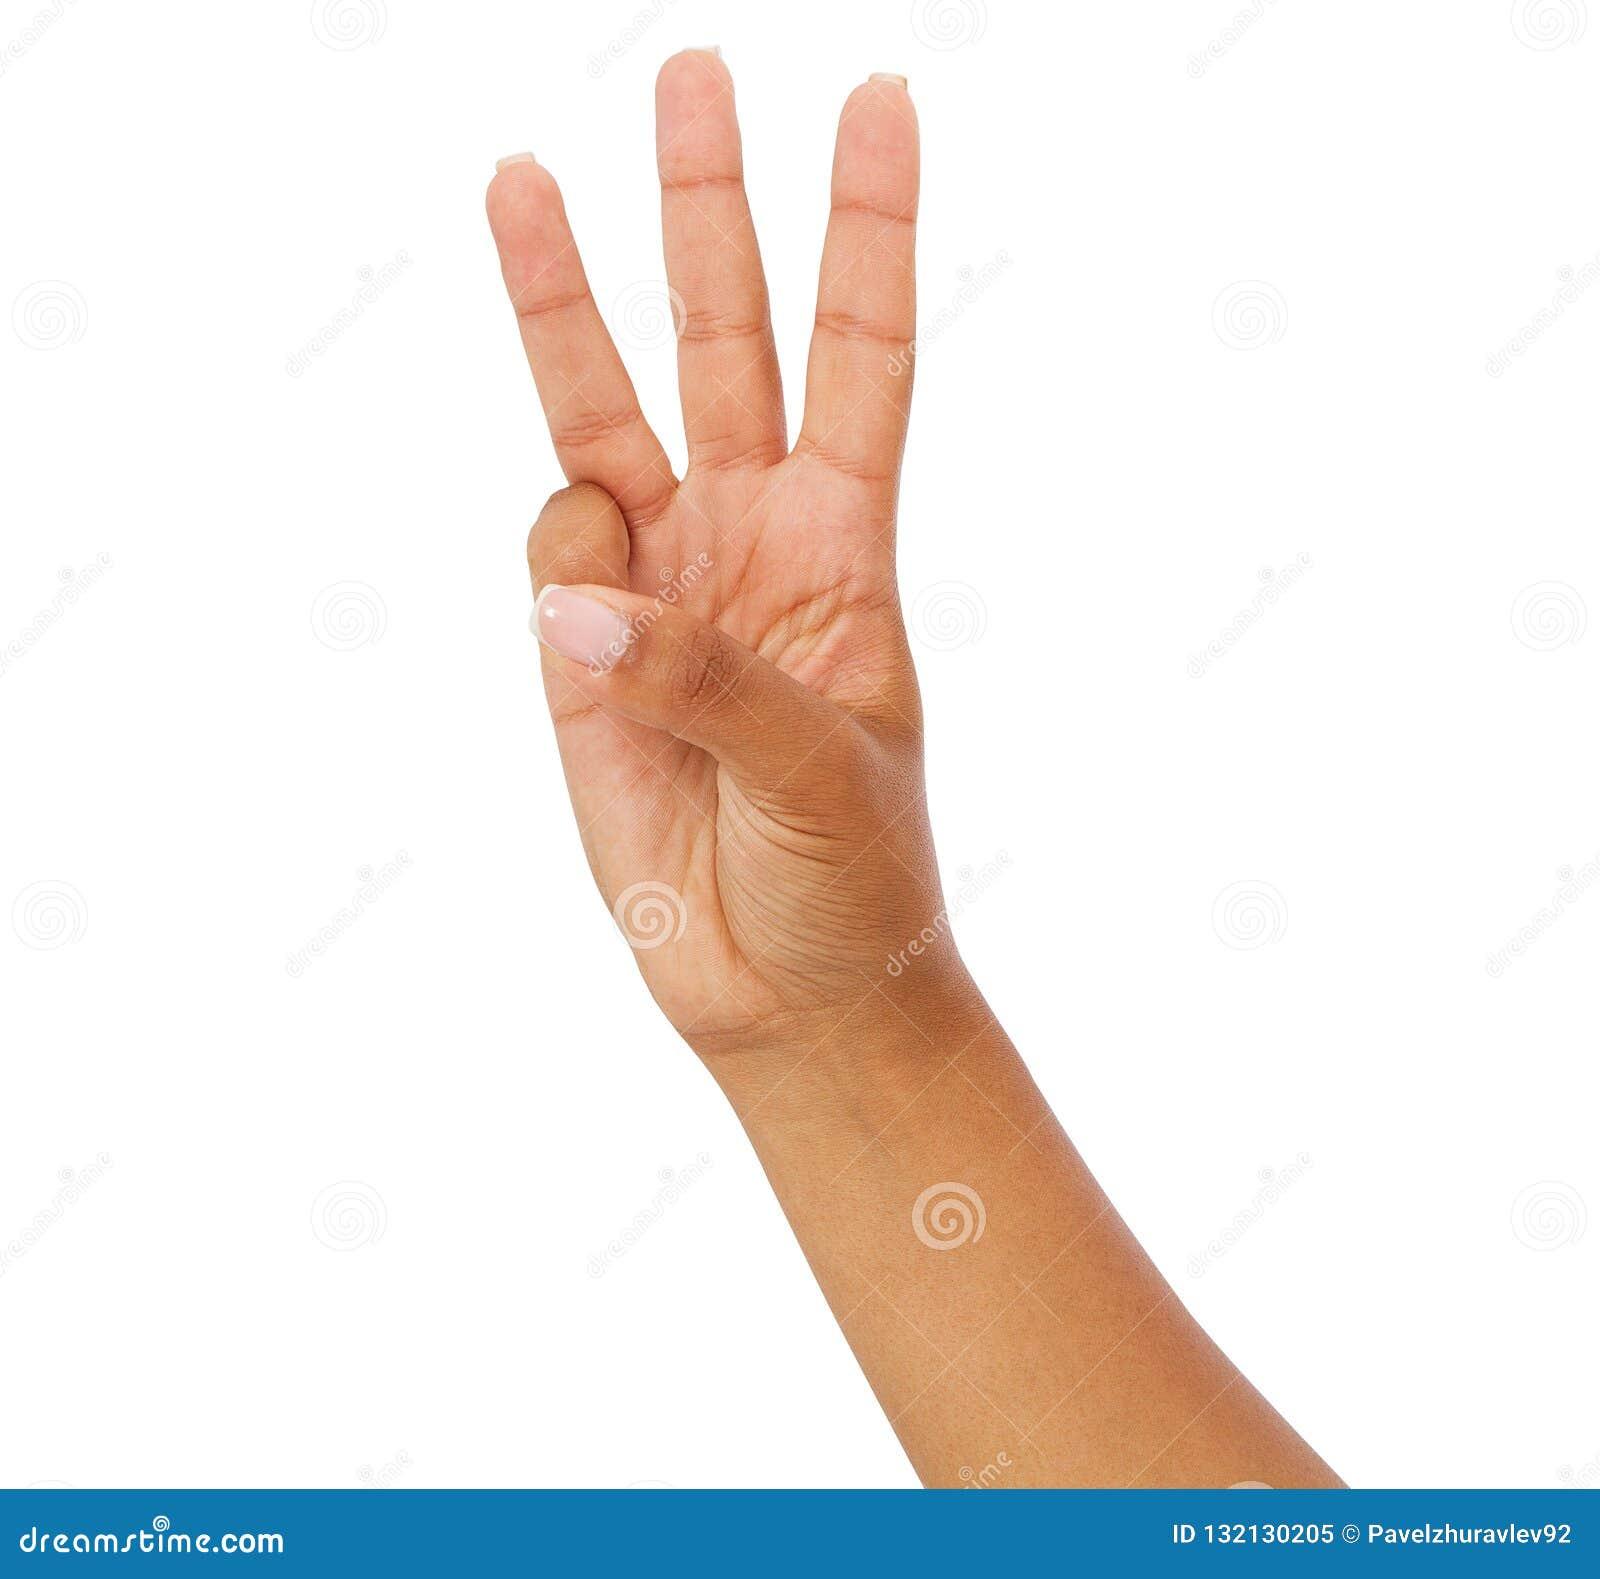 Η μαύρη γυναίκα παρουσιάζει το τρίτο, αριθμός τρία σημάδι που απομονώνεται στο άσπρο υπόβαθρο, αμερικανικός βραχίονας afro